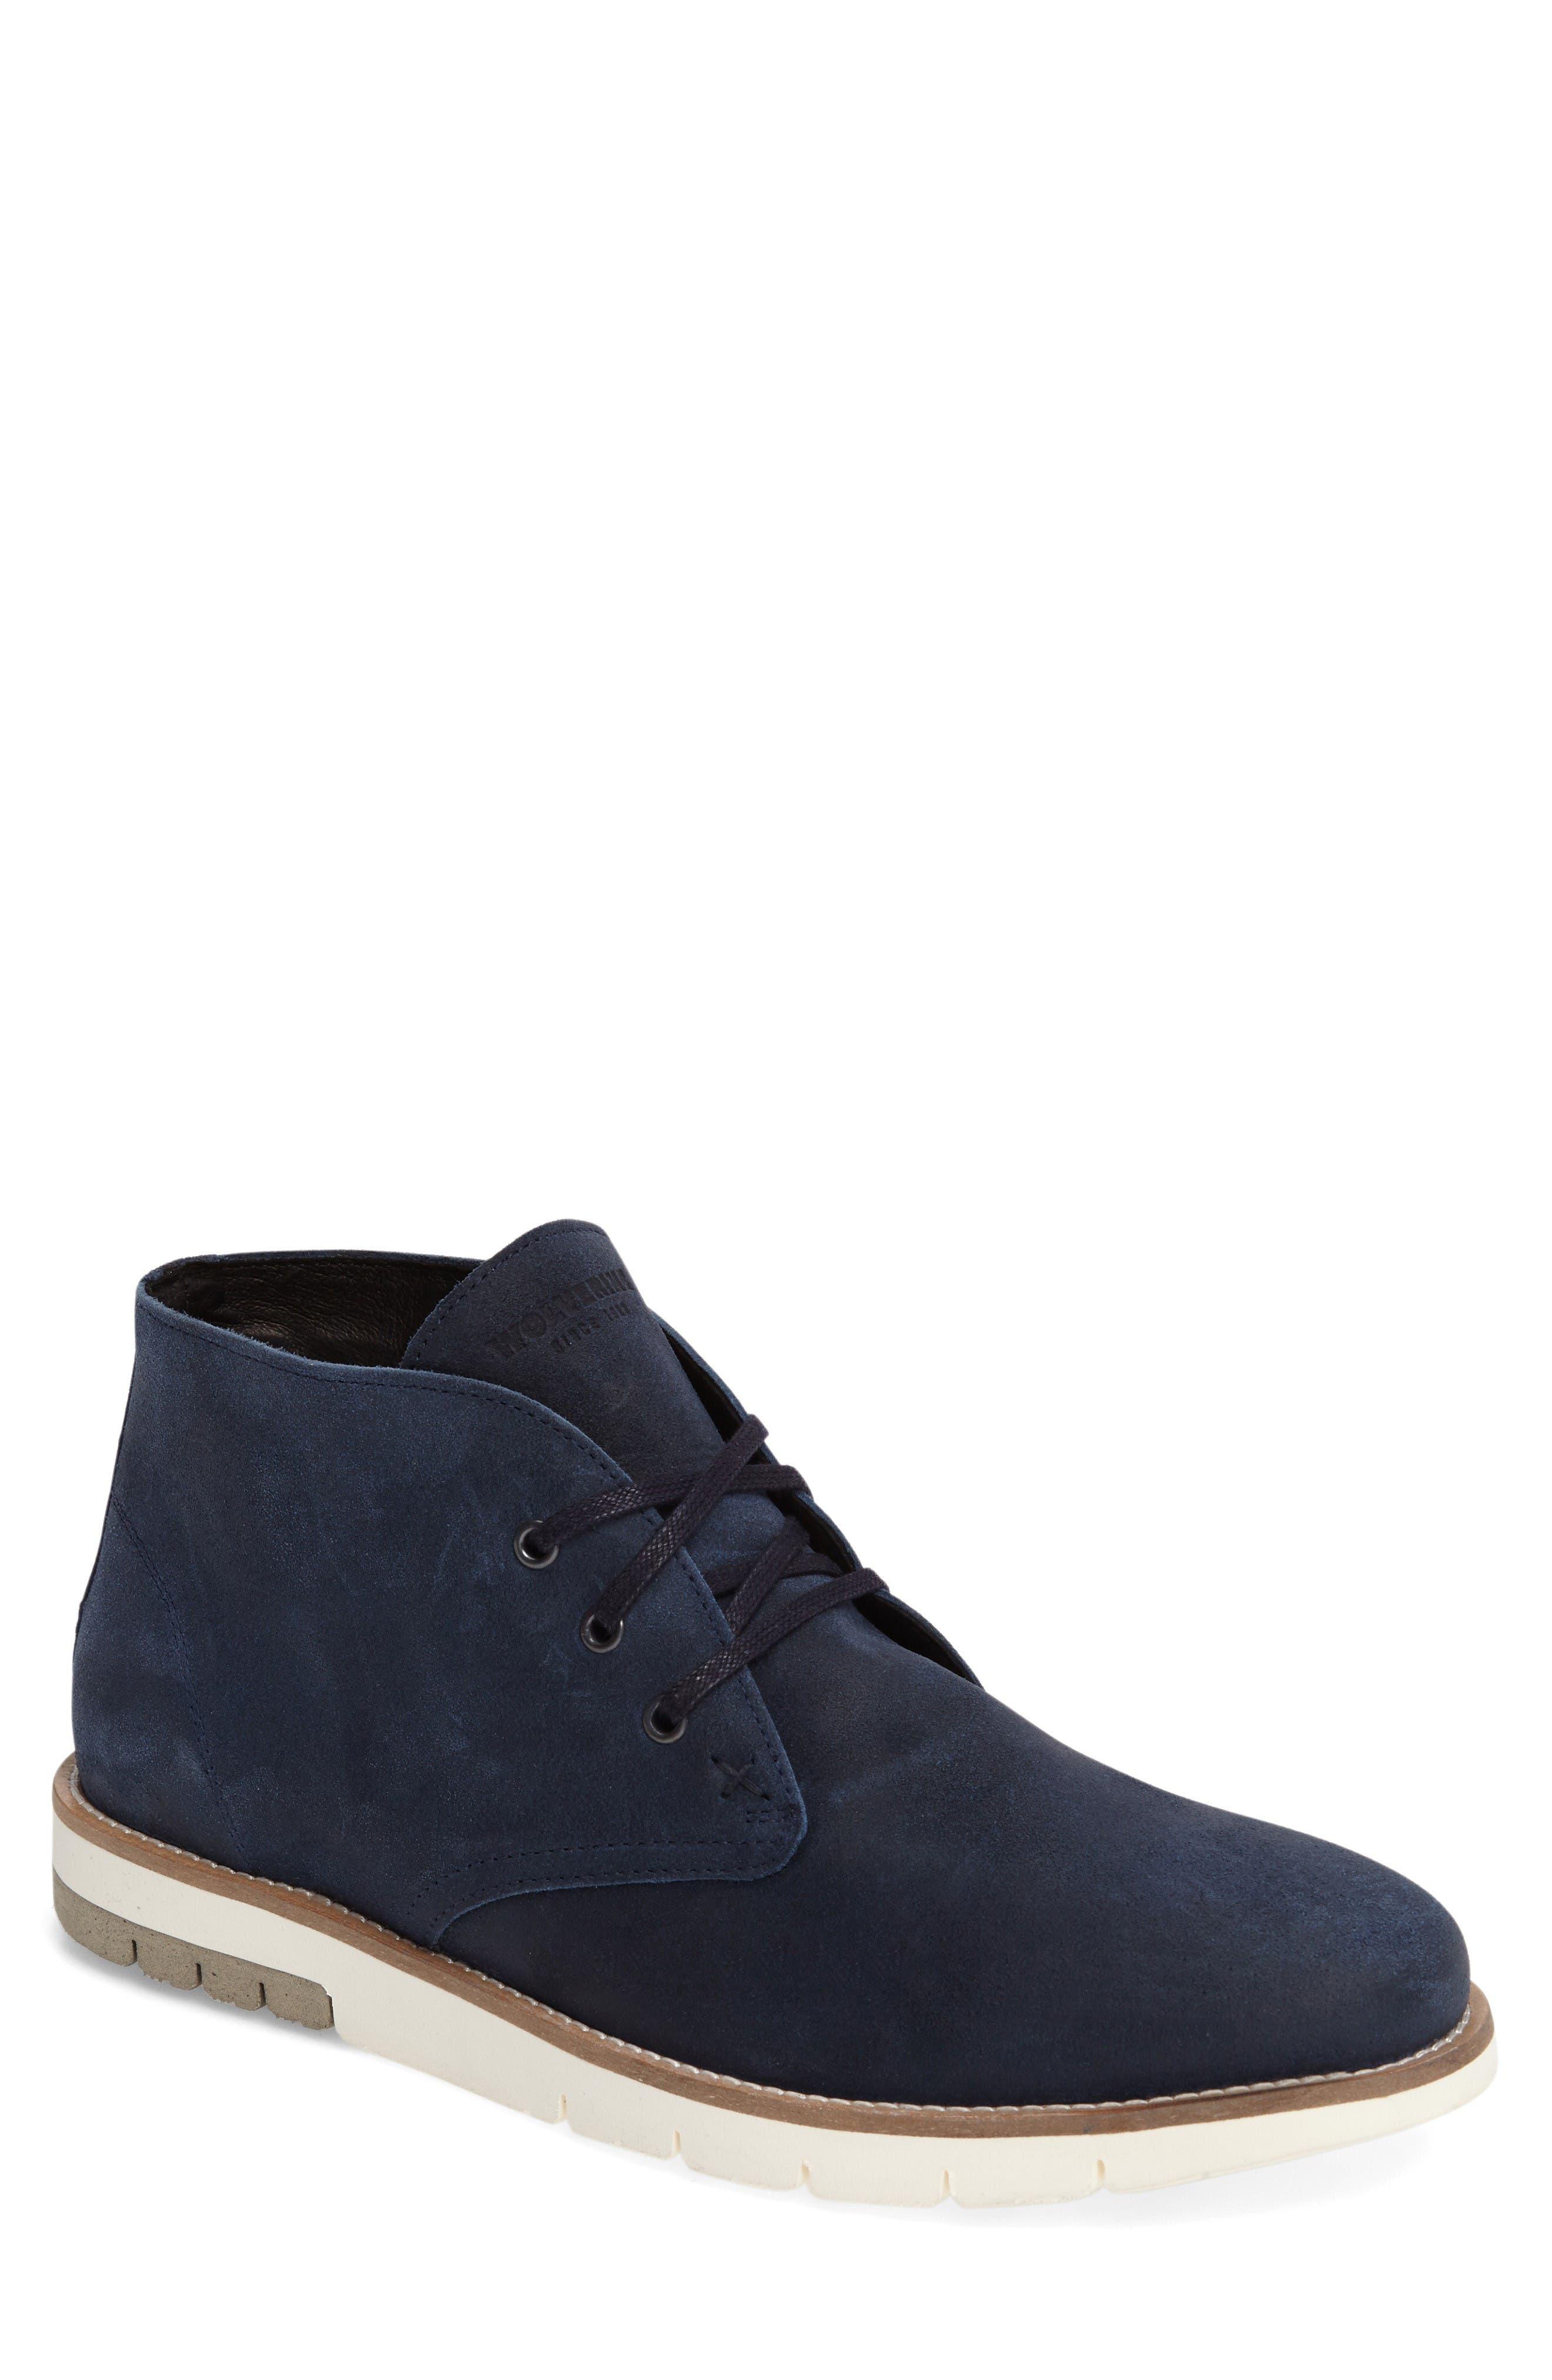 Gibson Chukka Boot,                         Main,                         color, Navy Suede